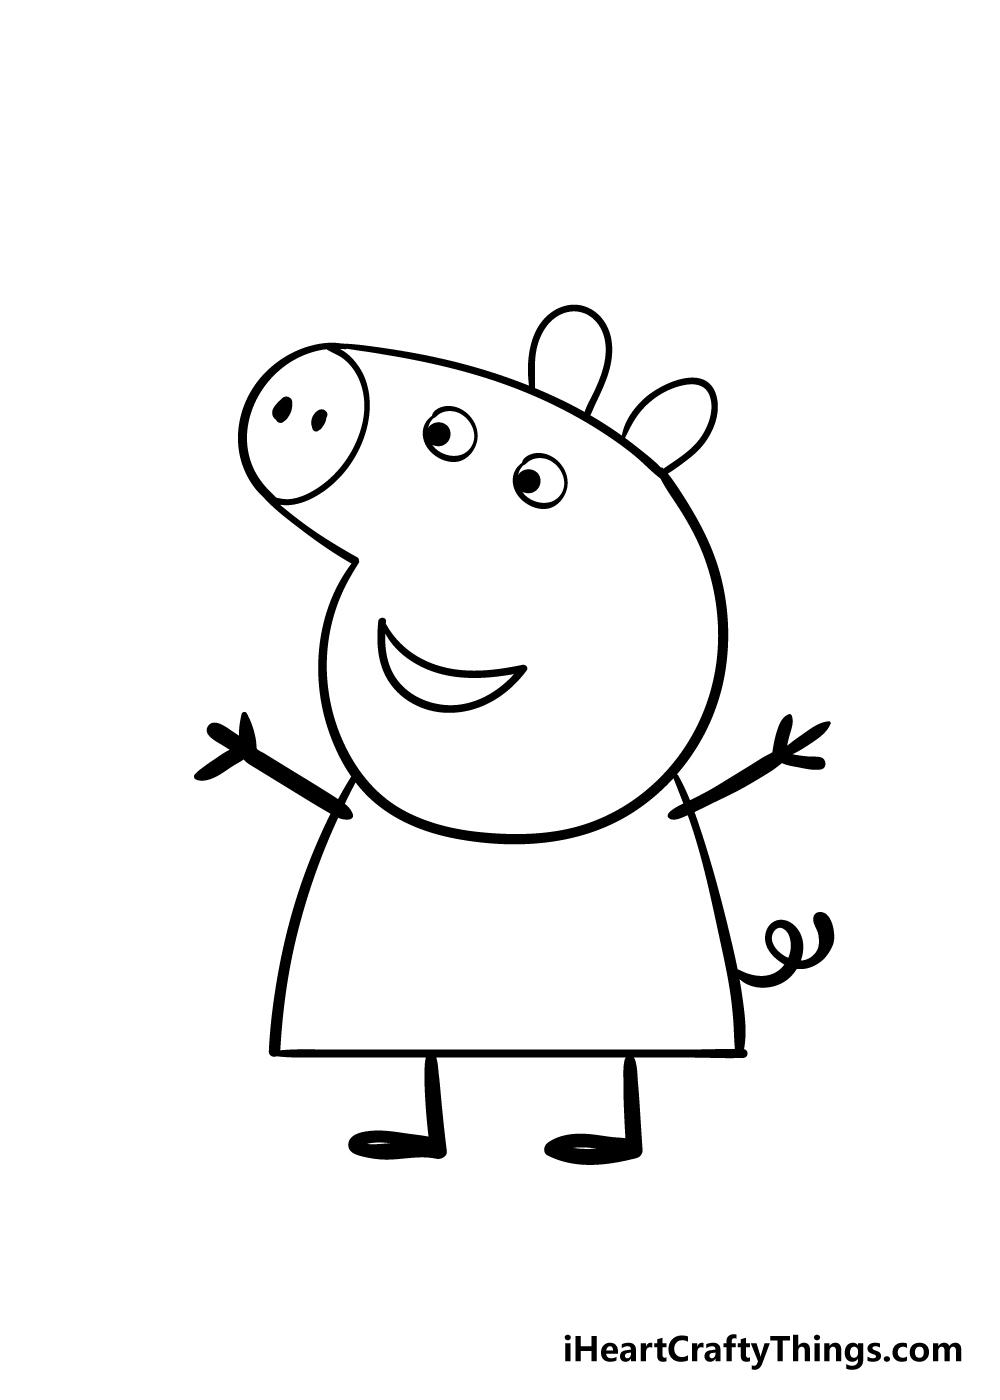 peppa pig drawing step 8